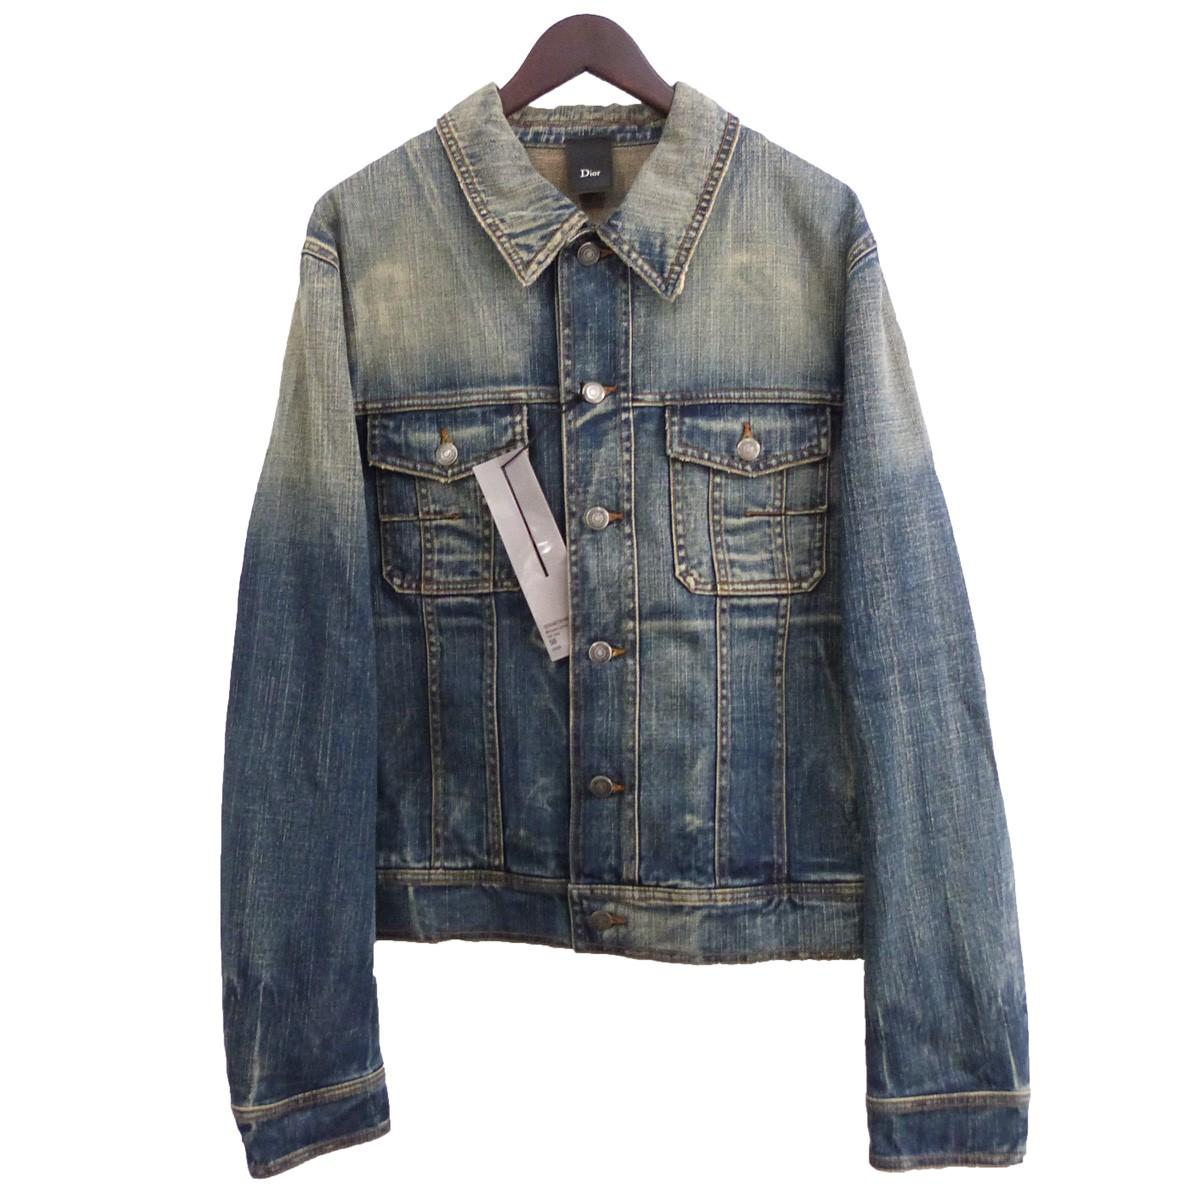 【中古】Dior Homme ウォッシュ加工デニムジャケット インディゴ サイズ:50 【260820】(ディオールオム)